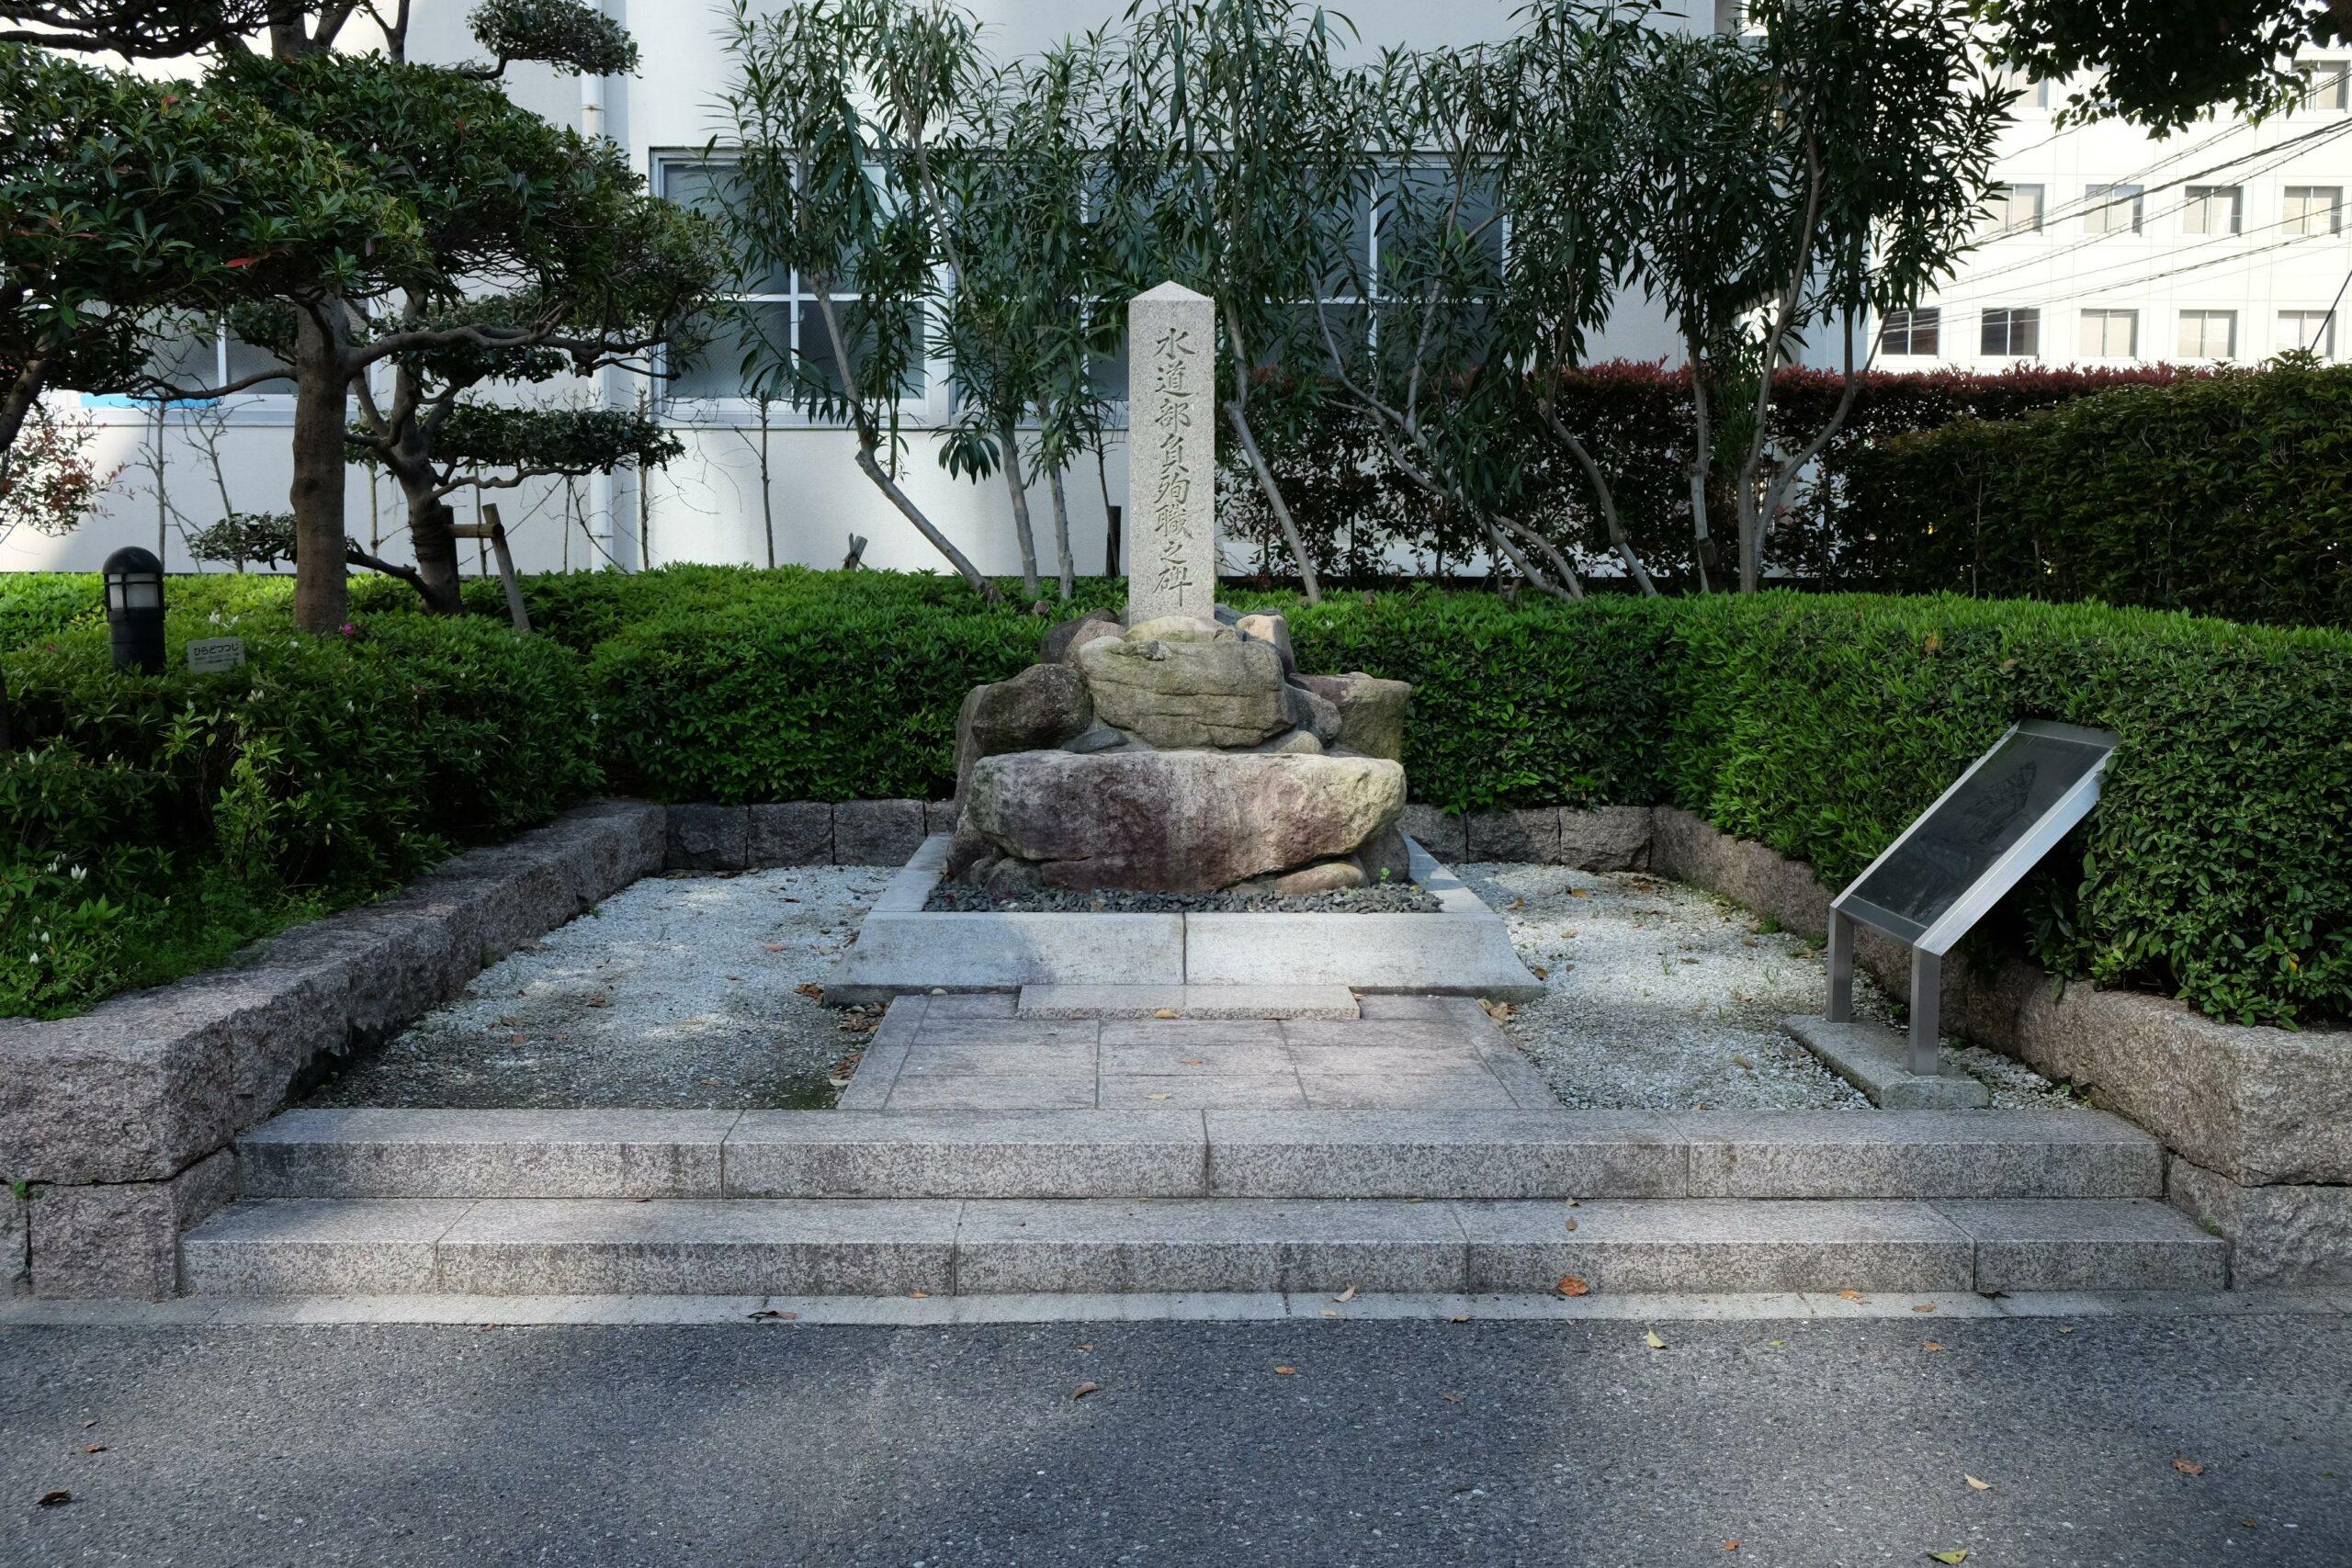 水道部員殉職之碑